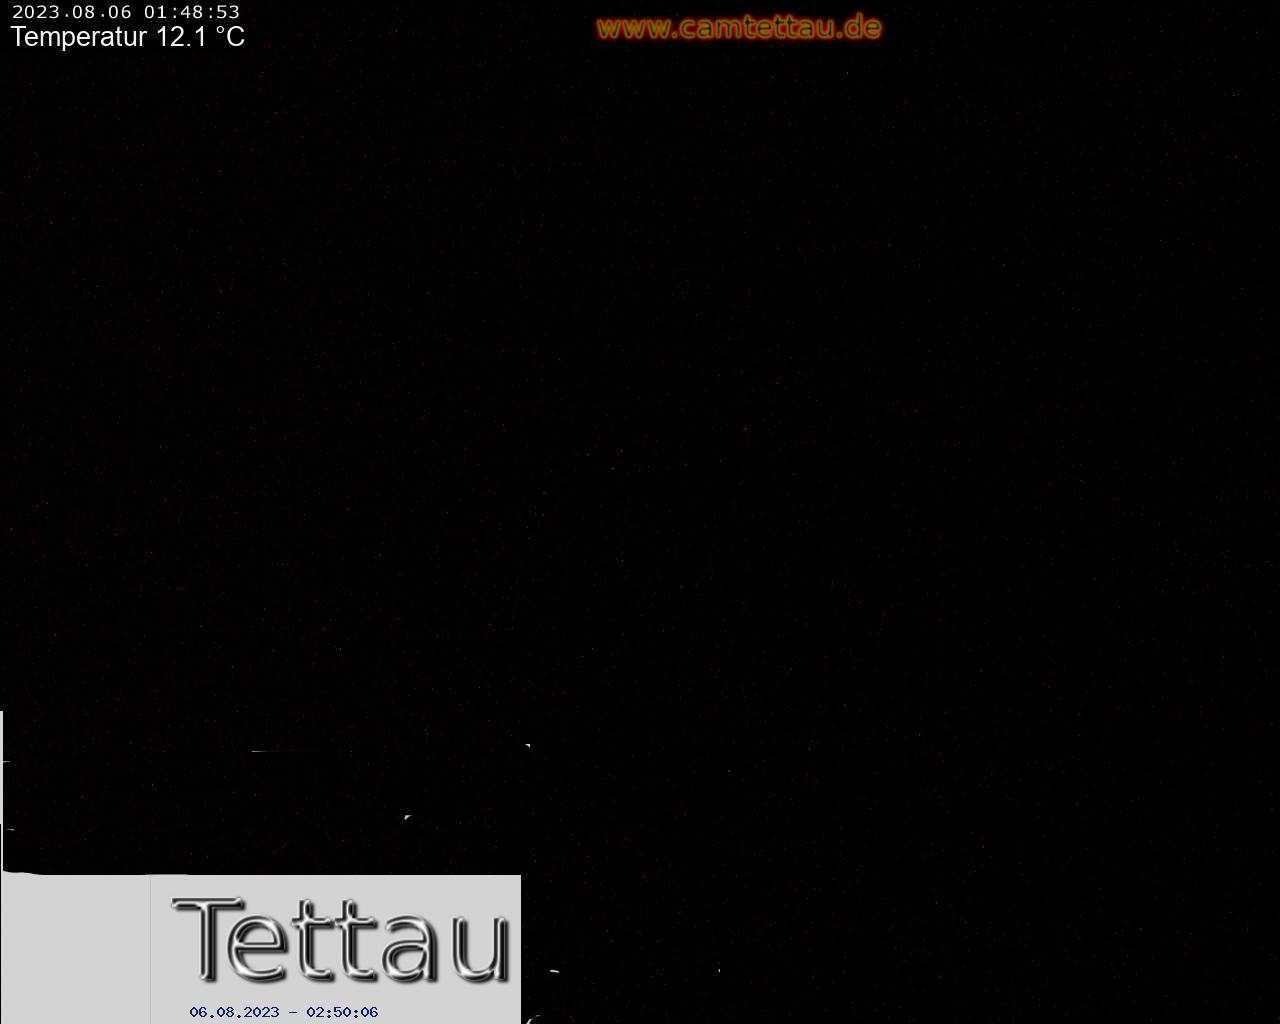 Tettau (Bavaria) Tue. 02:55